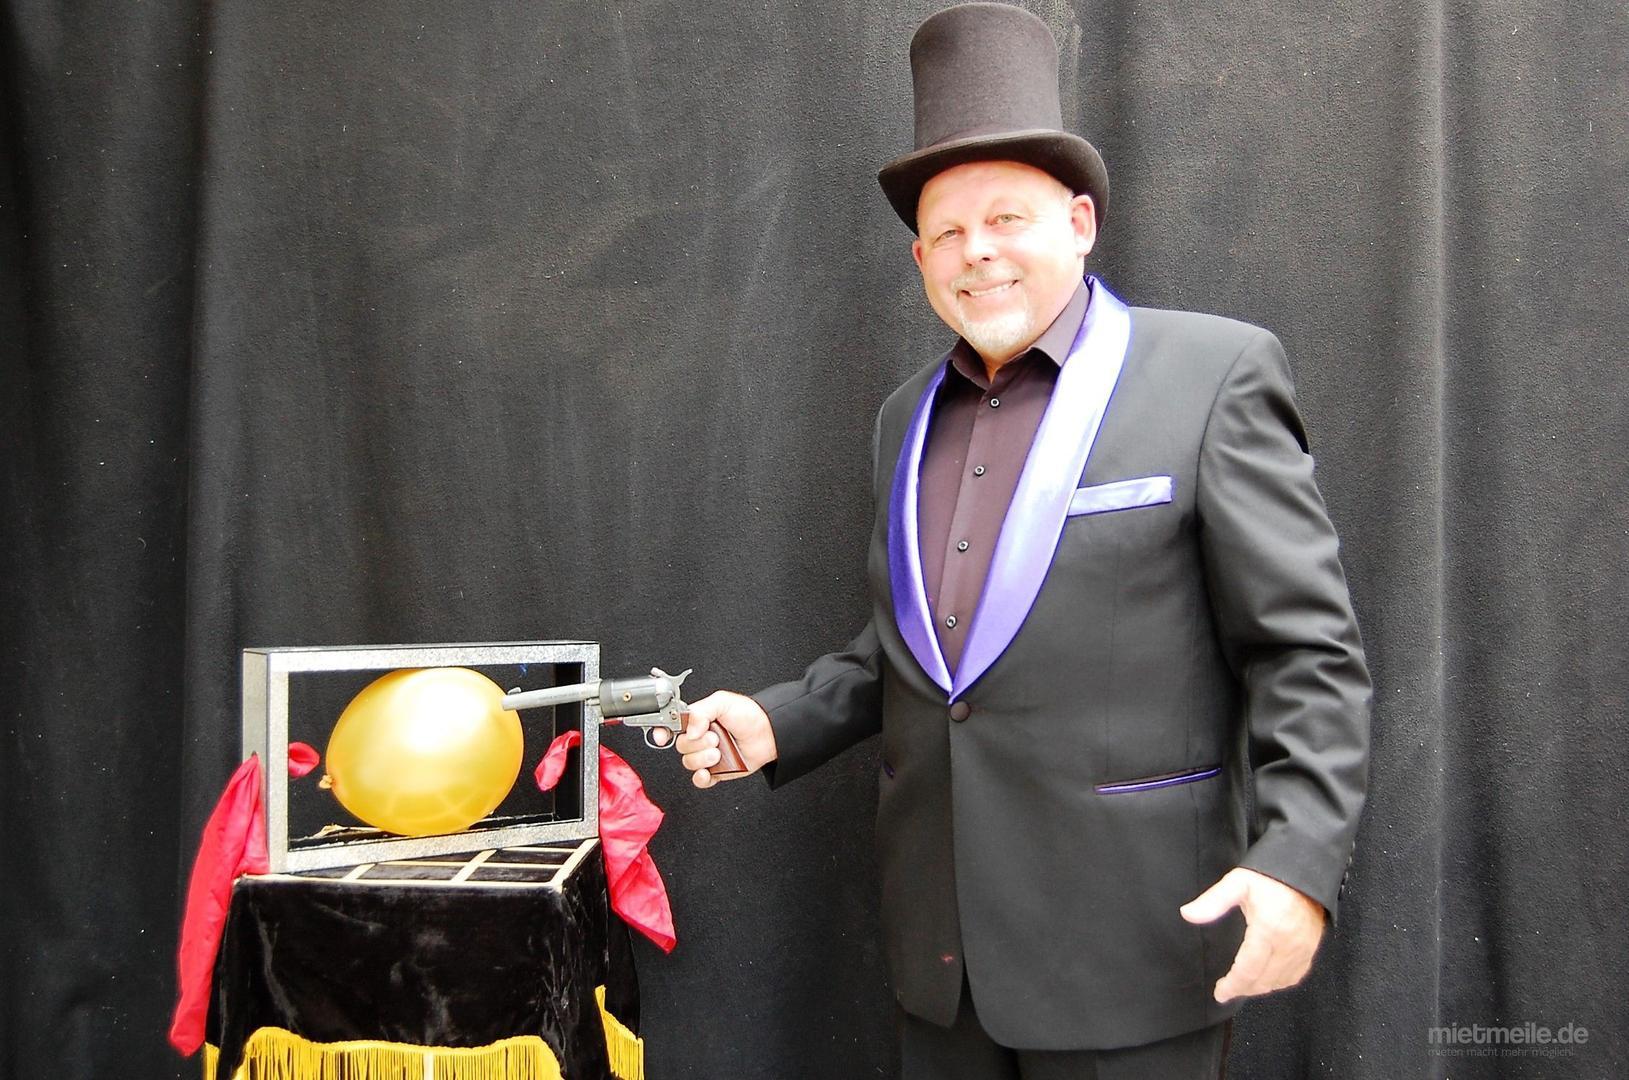 Magier & Zauberer mieten & vermieten - Zaubershow für Ihr besonderes Event. in Püttlingen